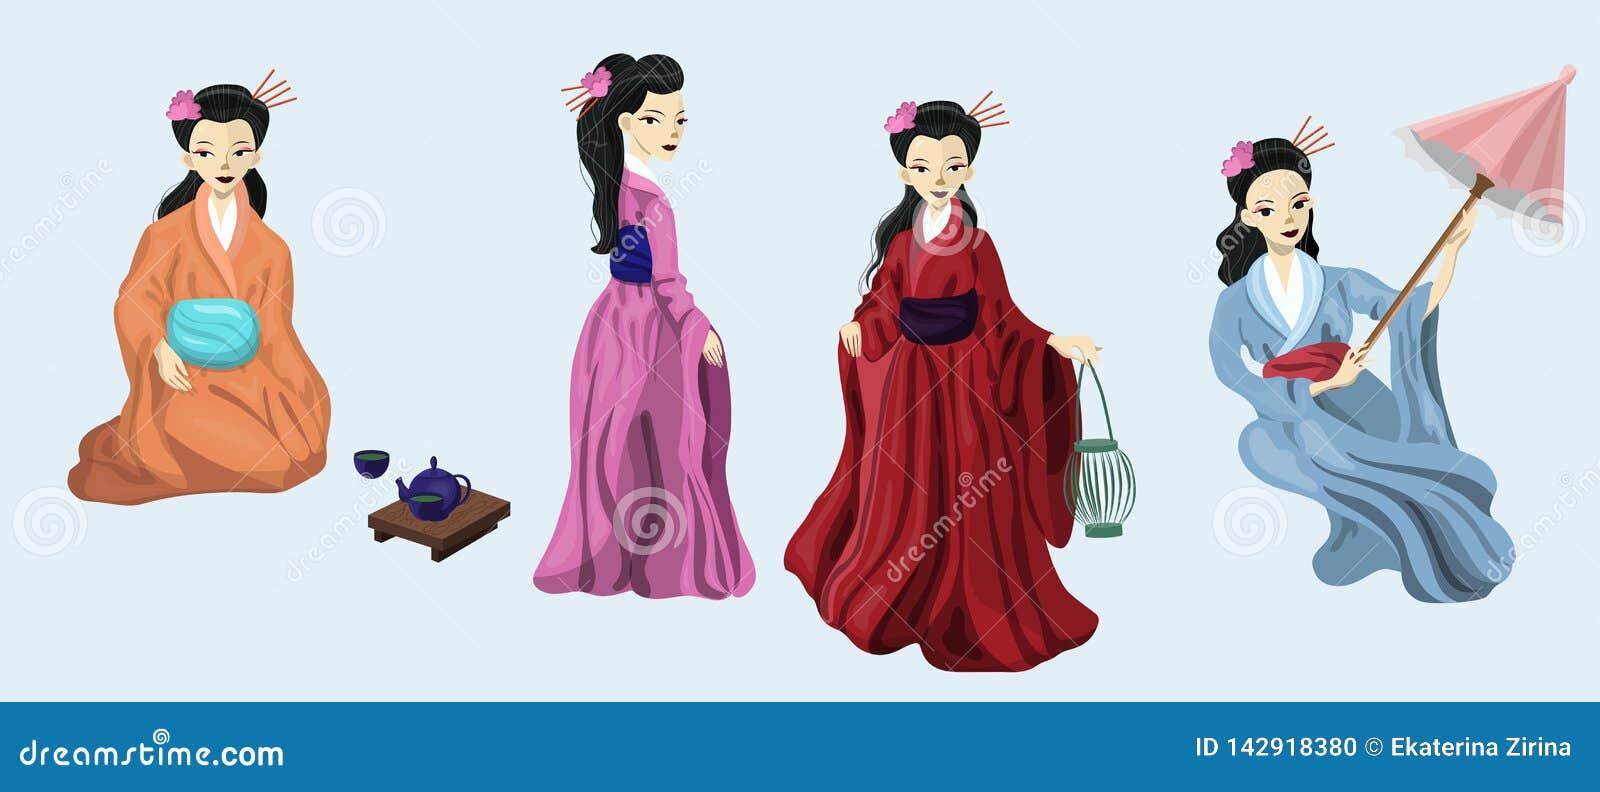 Τέσσερα ιαπωνικά κορίτσια στην εθνική διανυσματική εικόνα κοστουμιών